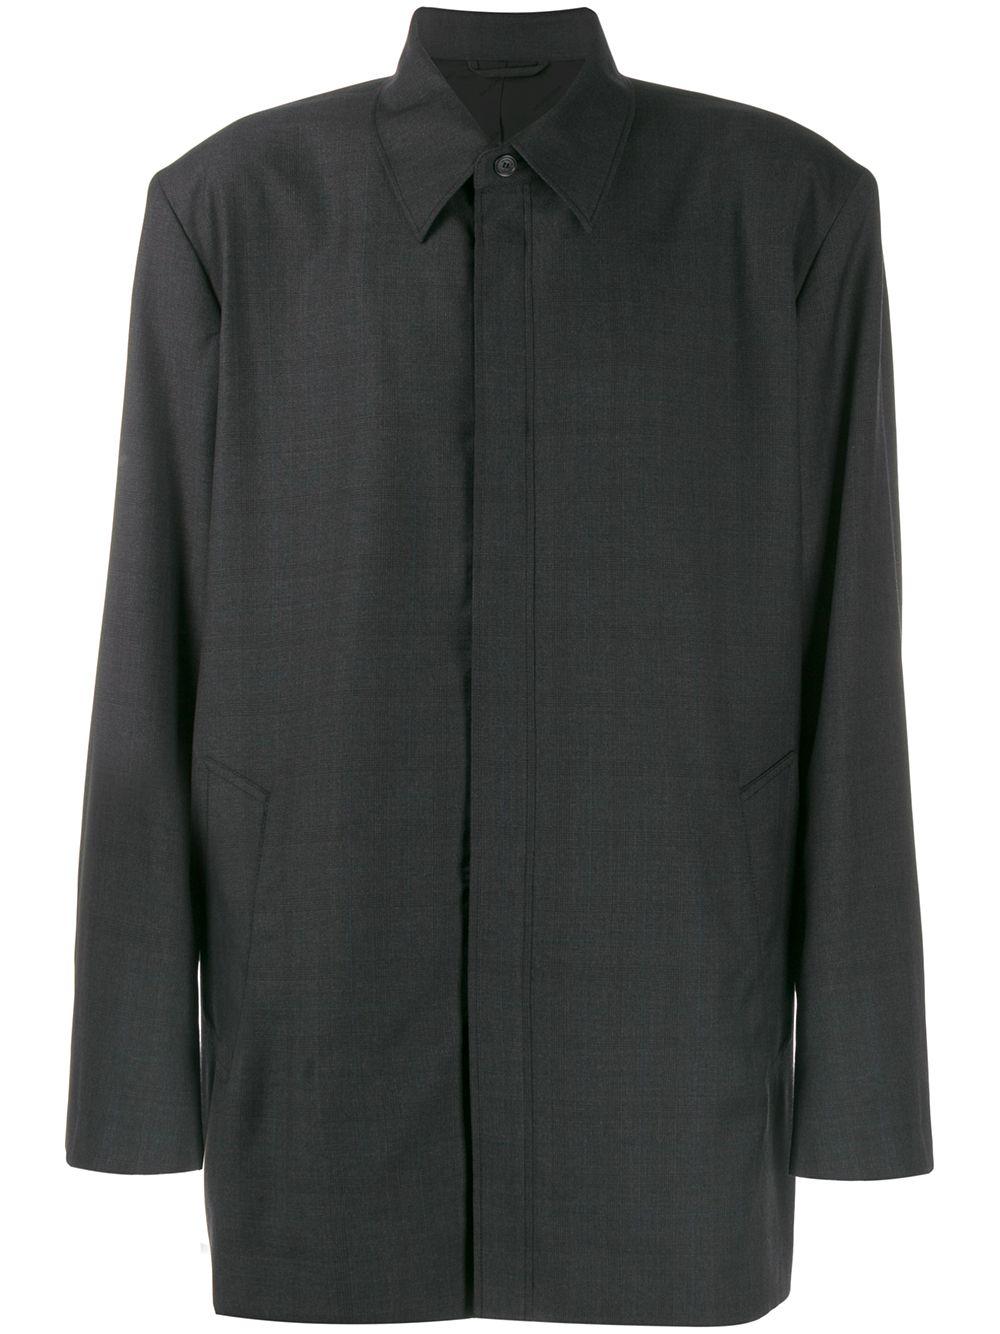 Wool Blend Baggy Fit Oversize Shirt